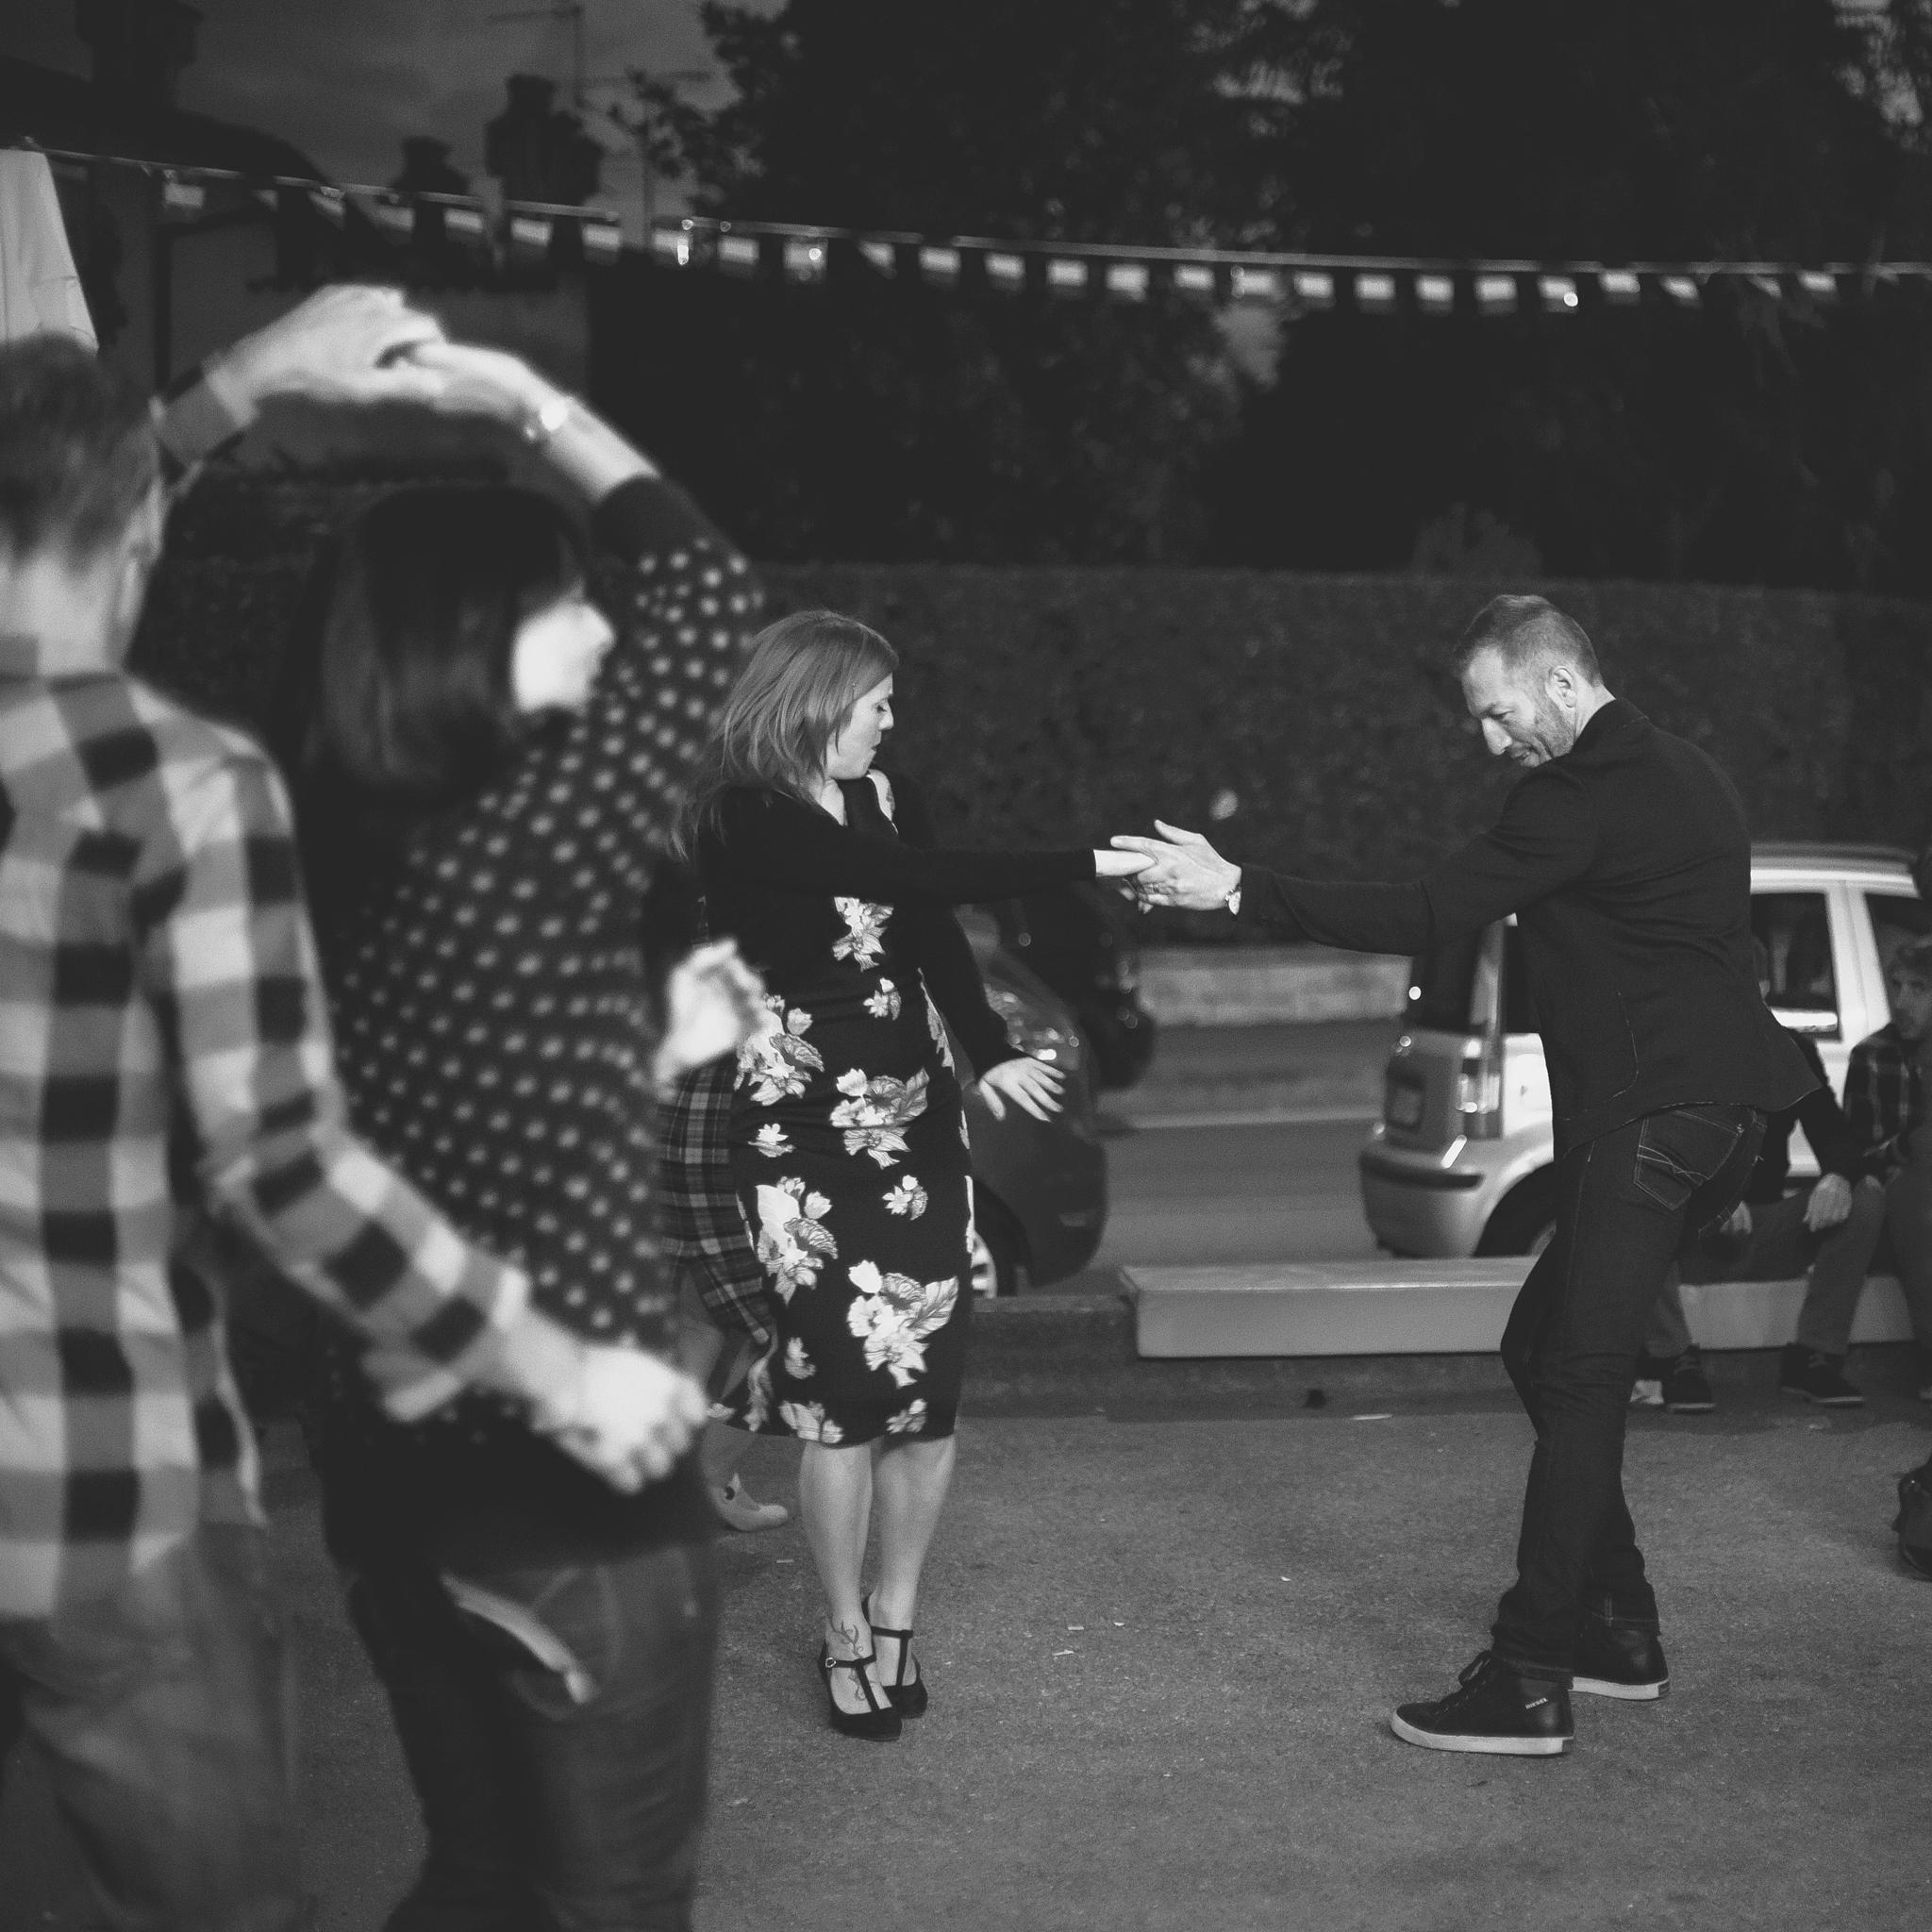 fotografia-festa-brescia